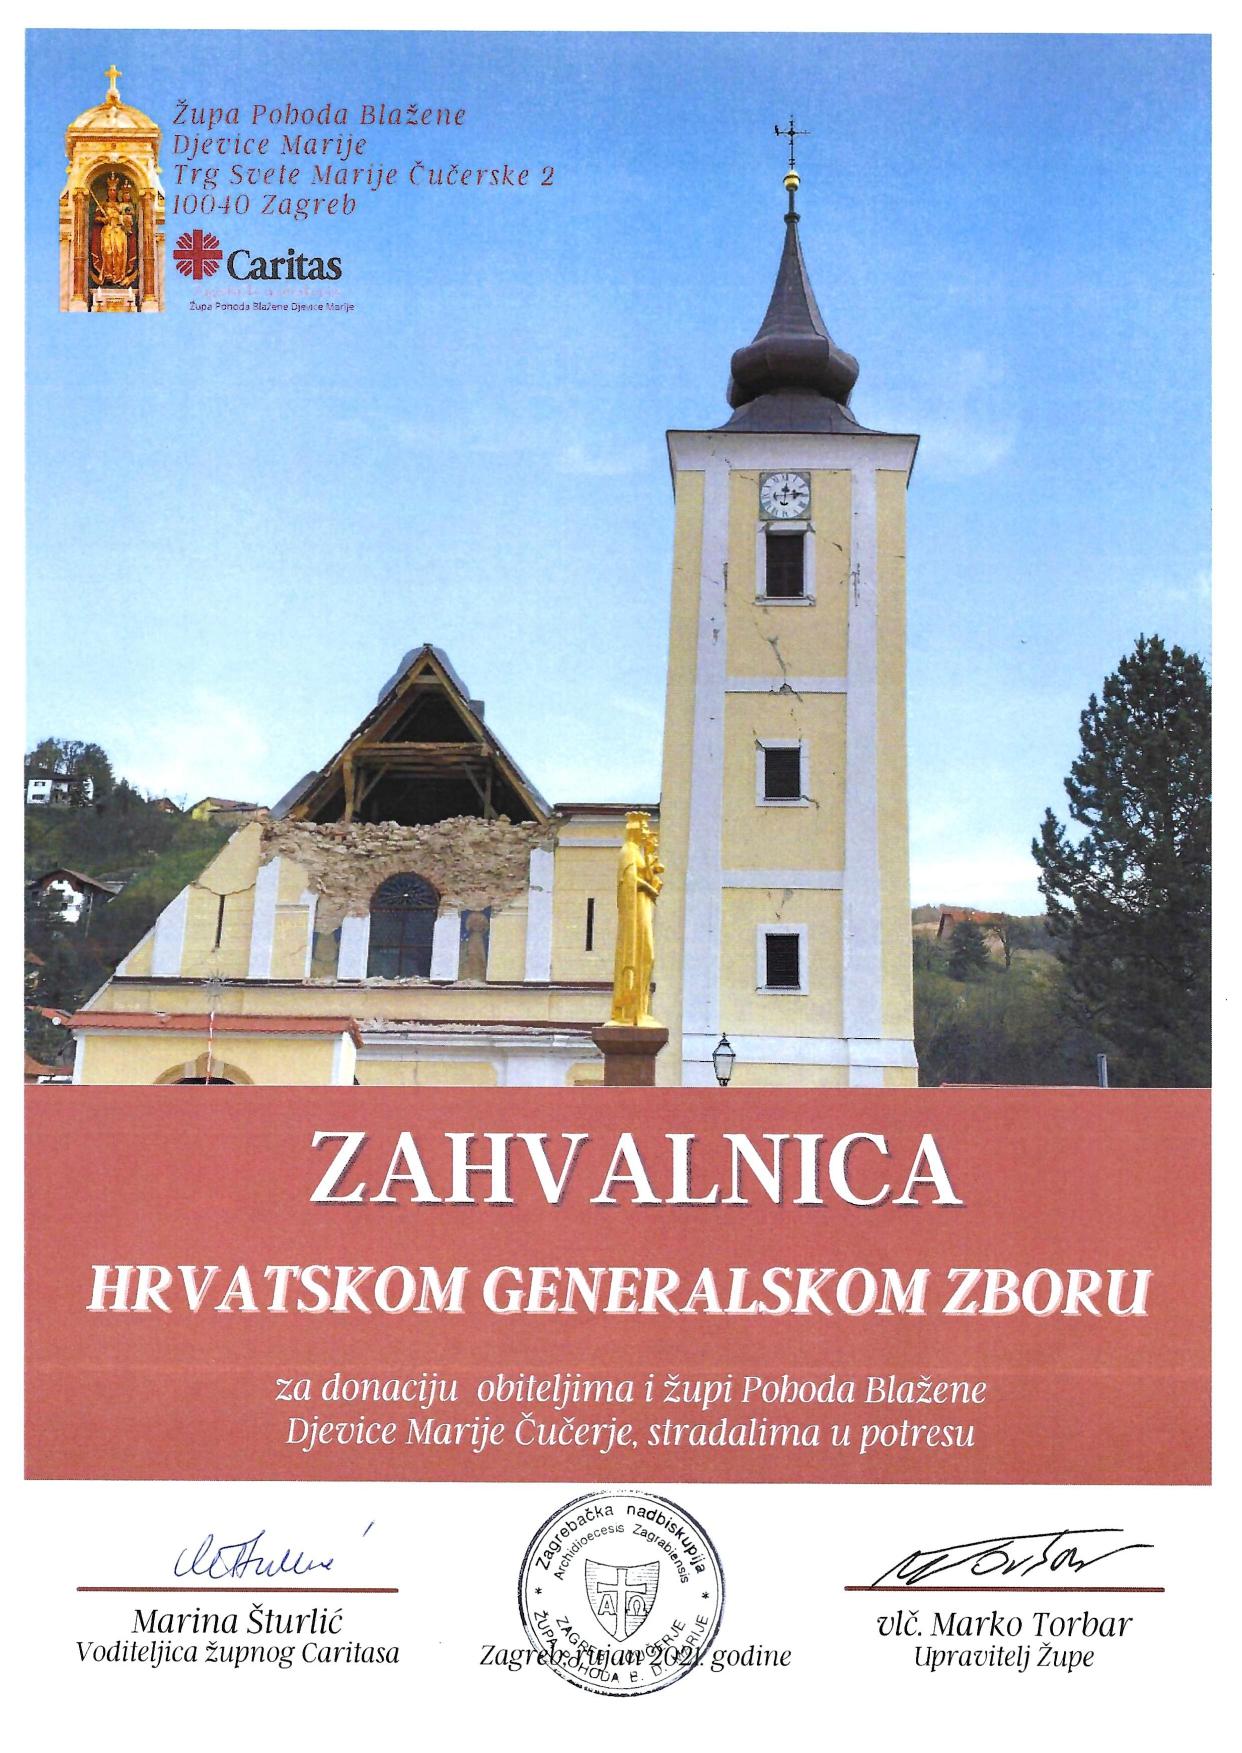 Priznanje Hrvatskom generalskom zboru